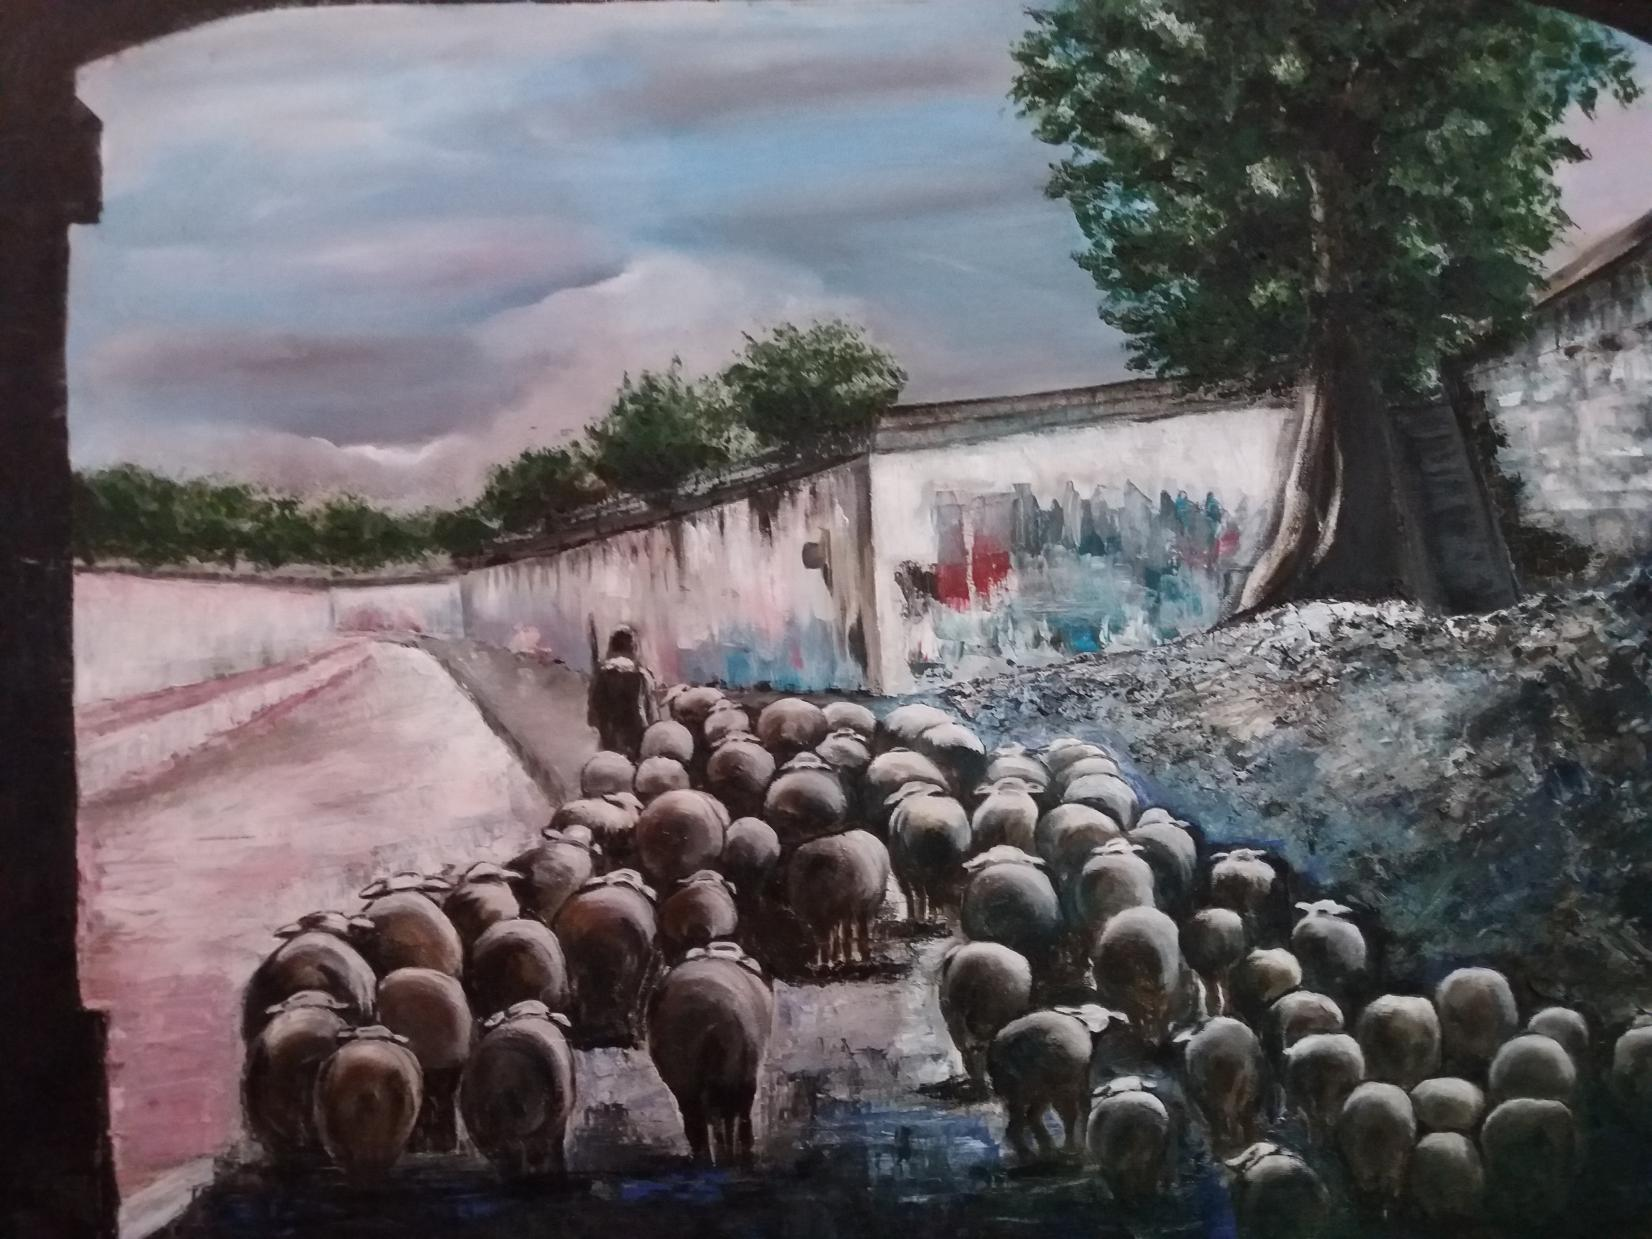 Debajo del puente (2015) - Pilar Jané Abelló - P. Jané